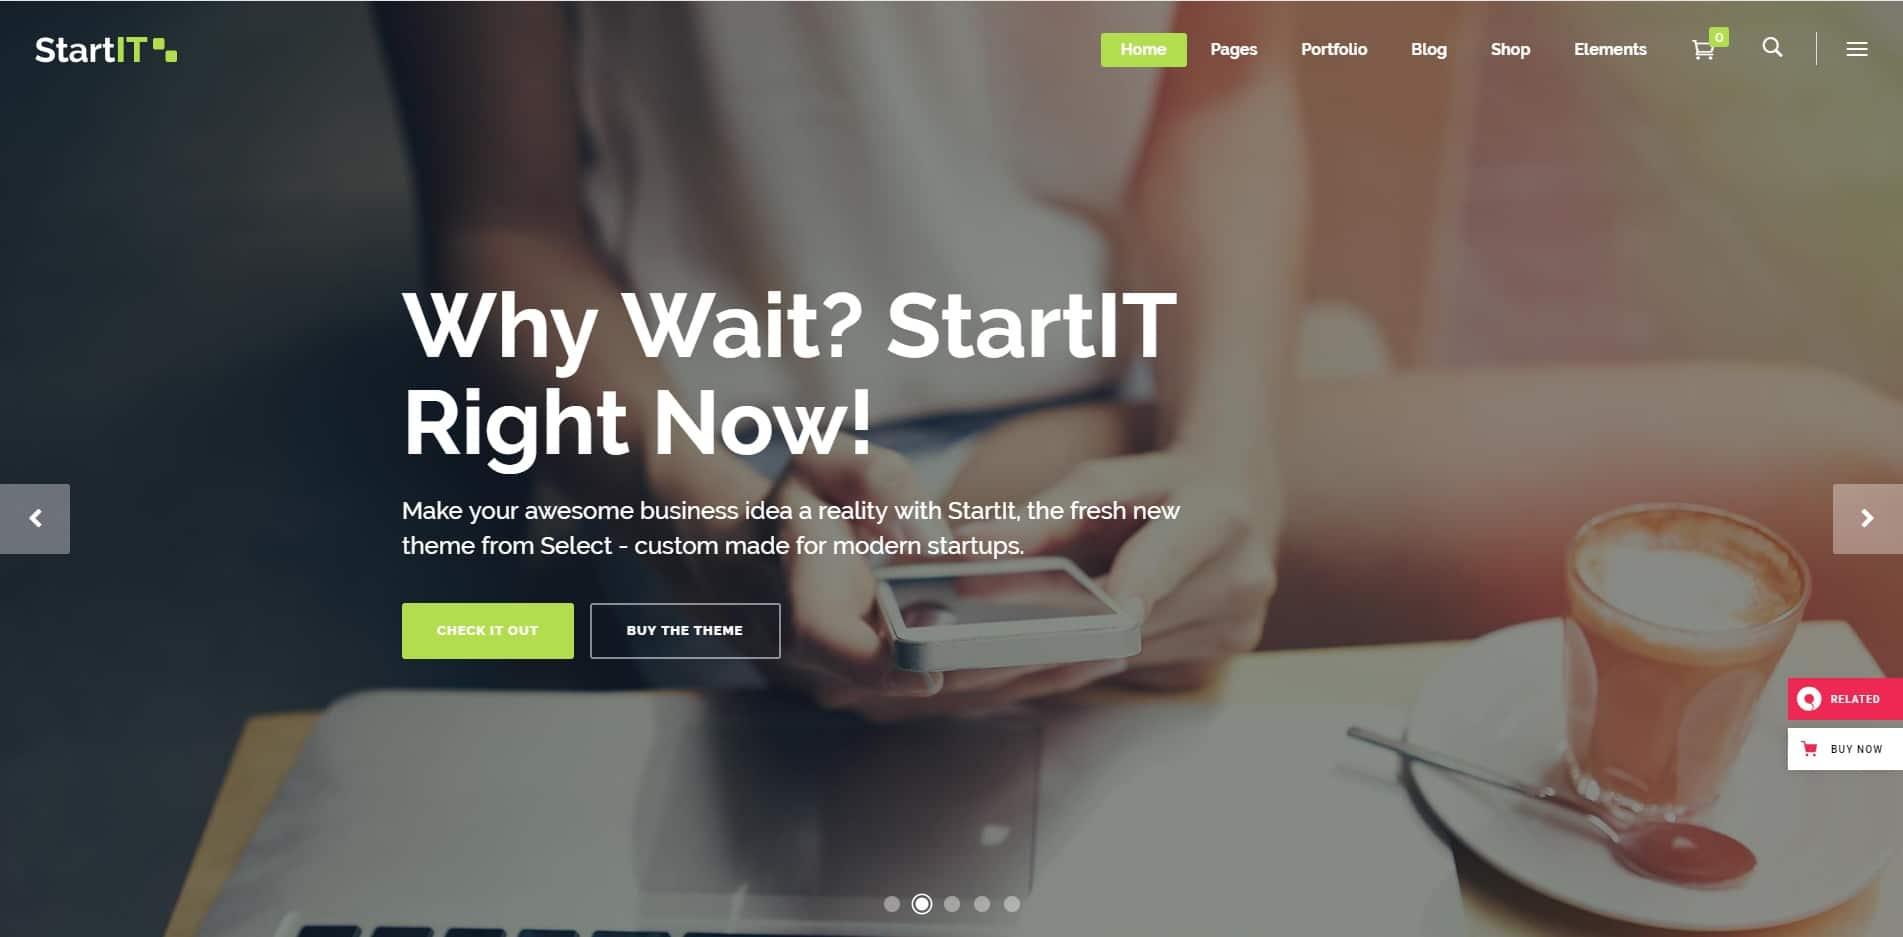 startit technology website template